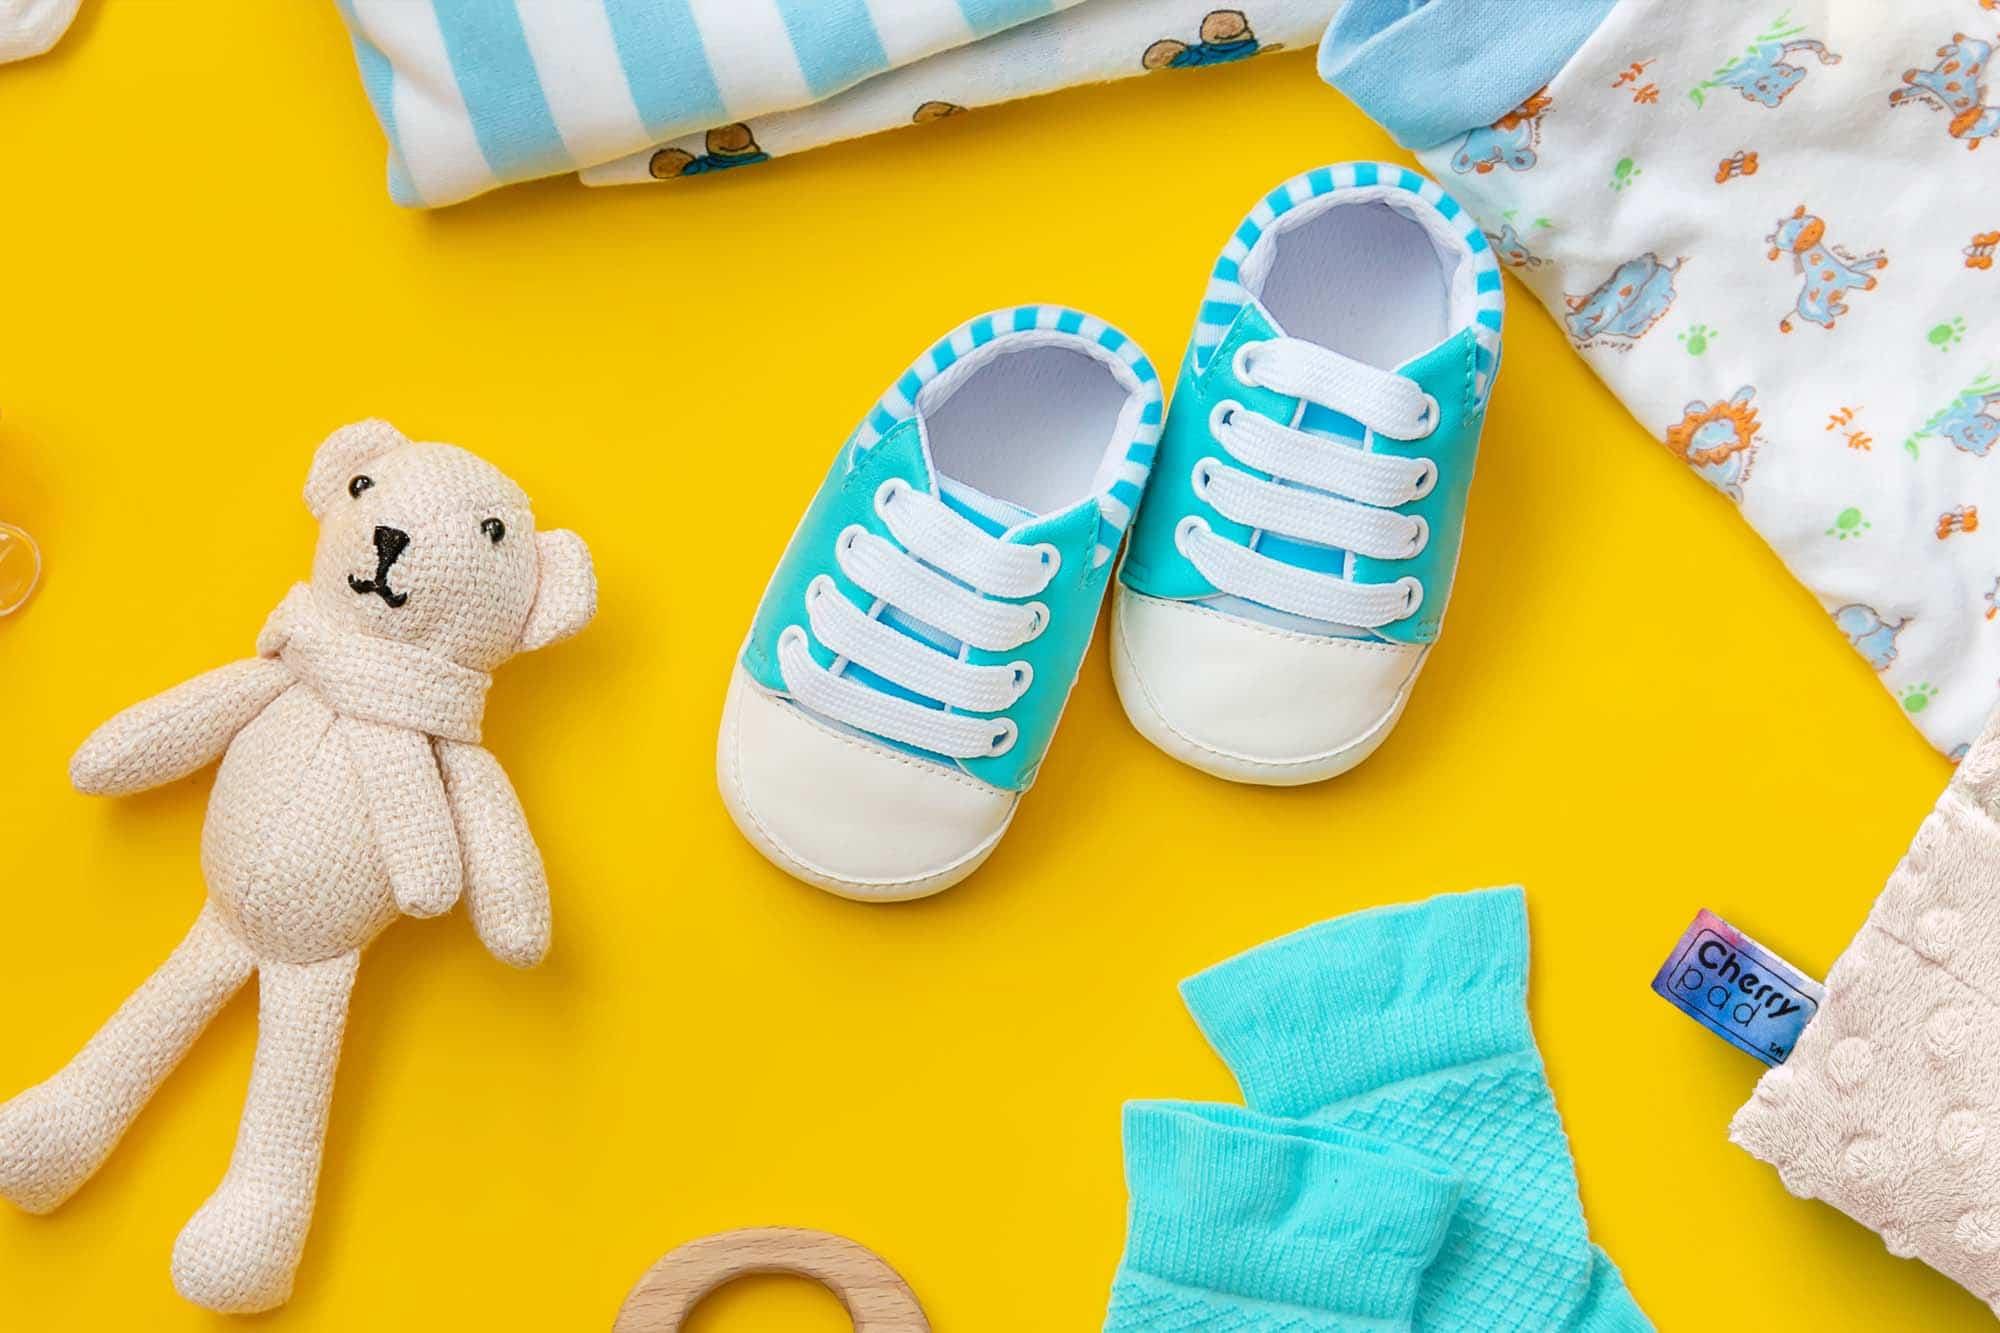 Jak kupować ubranka dla niemowlaka – wszystko, co musisz wiedzieć